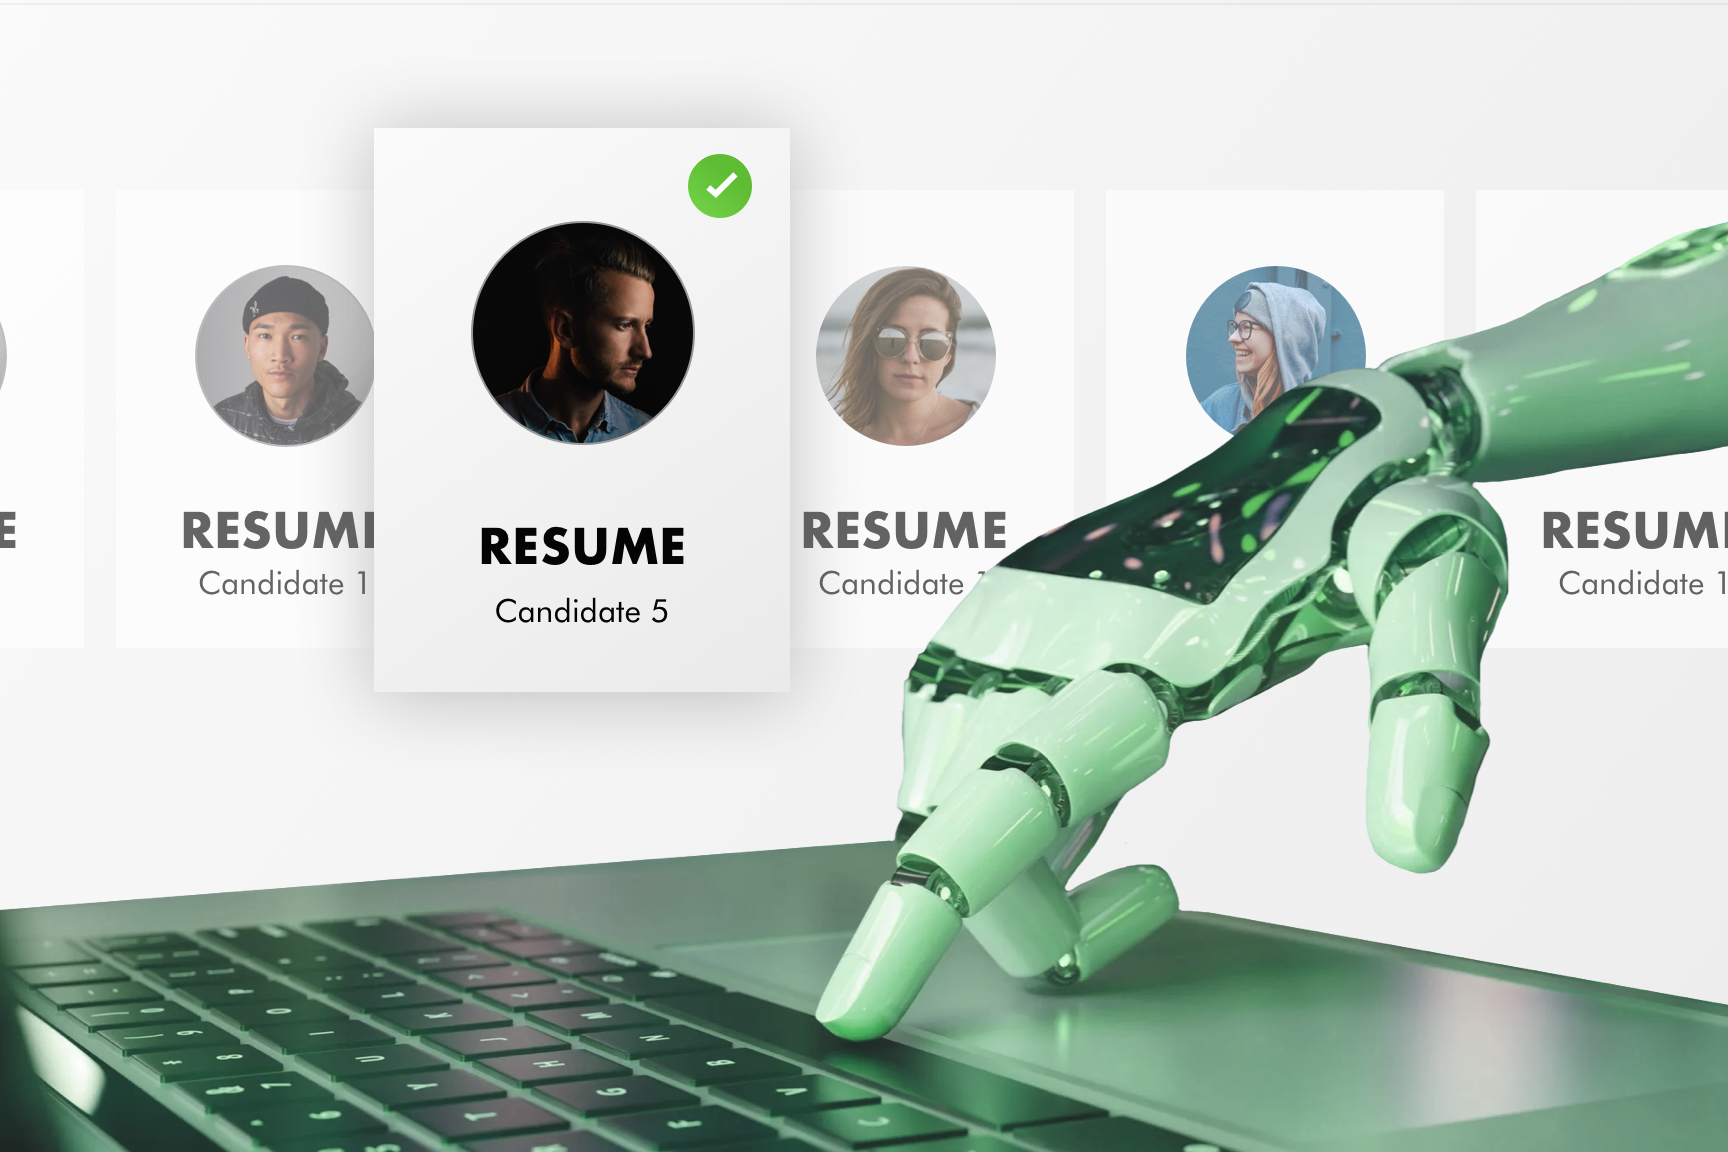 Сustom recruitment software